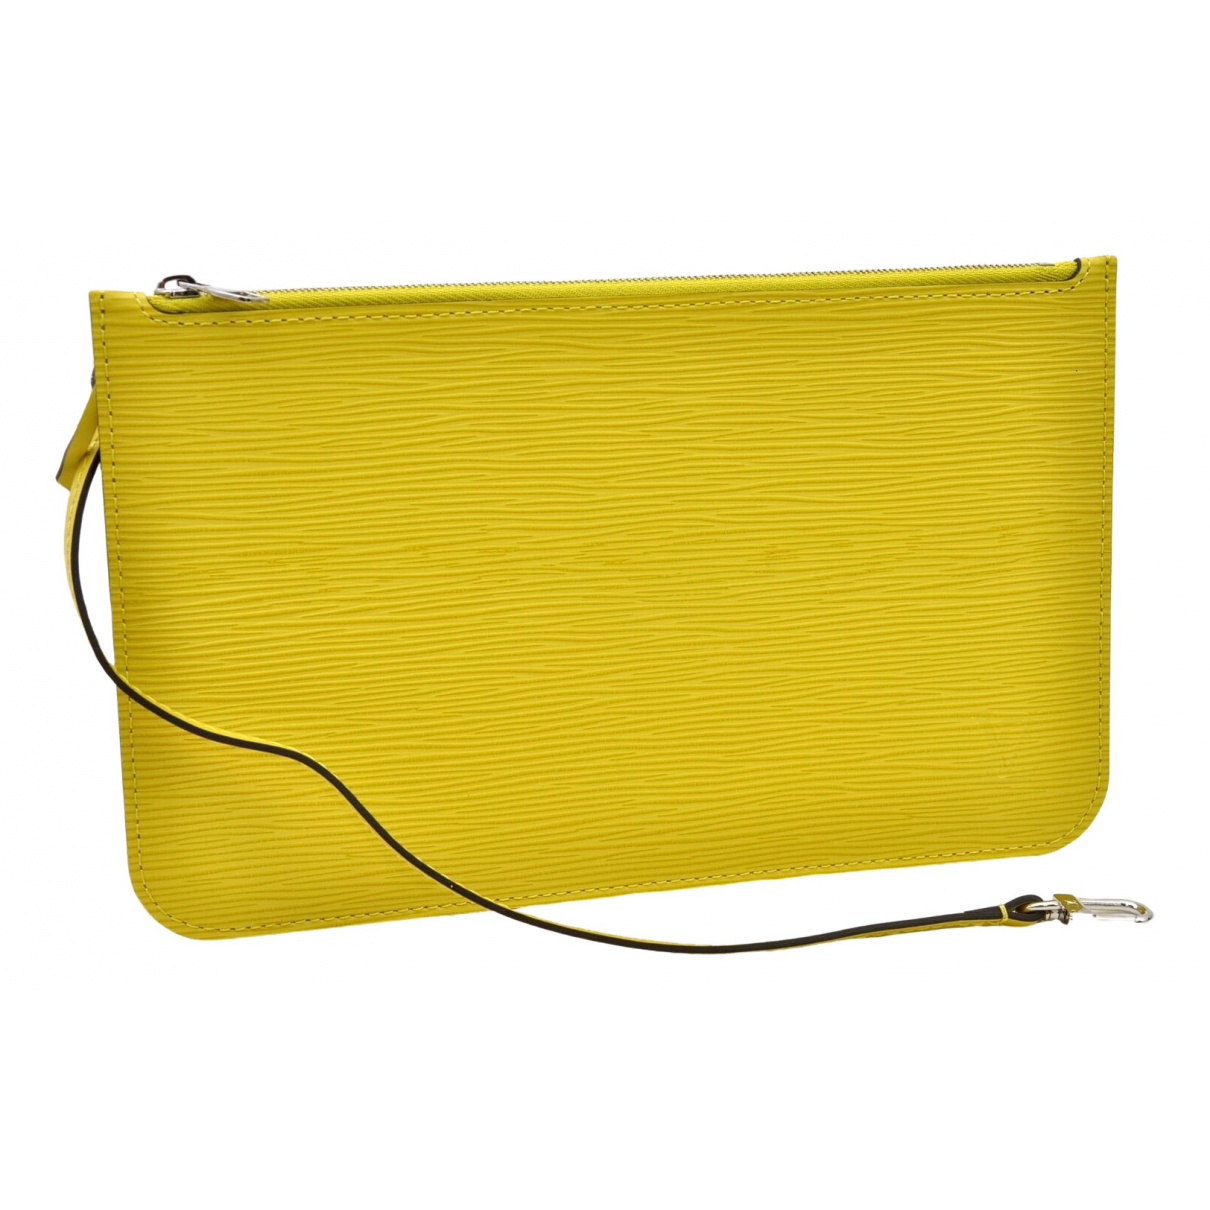 Louis Vuitton \N Clutch in  Gelb Leder